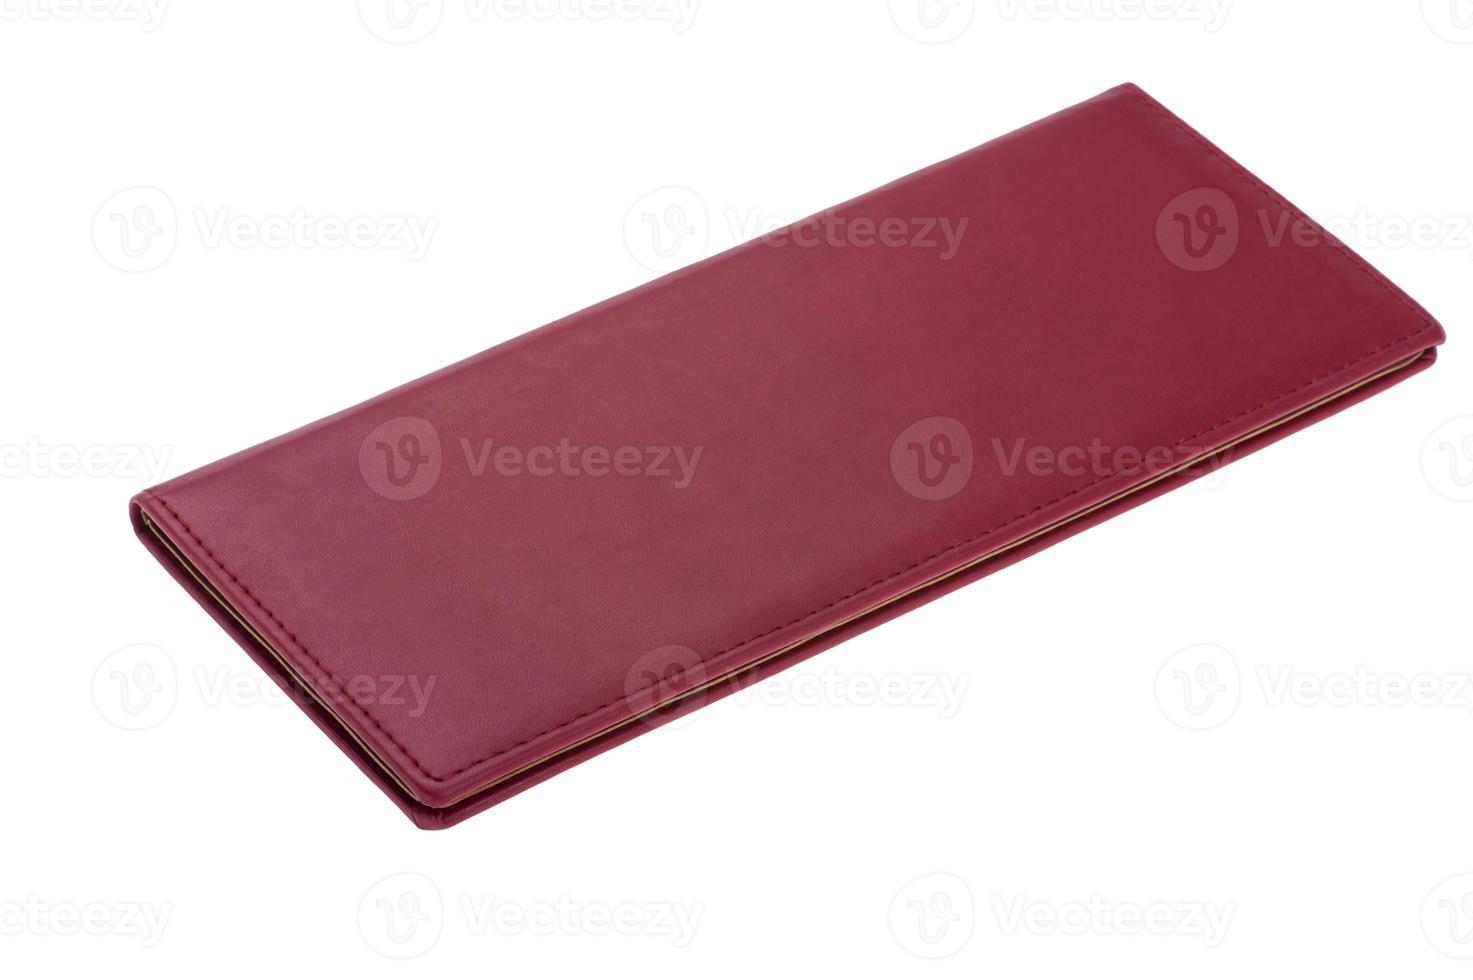 nieuw rood handboek foto